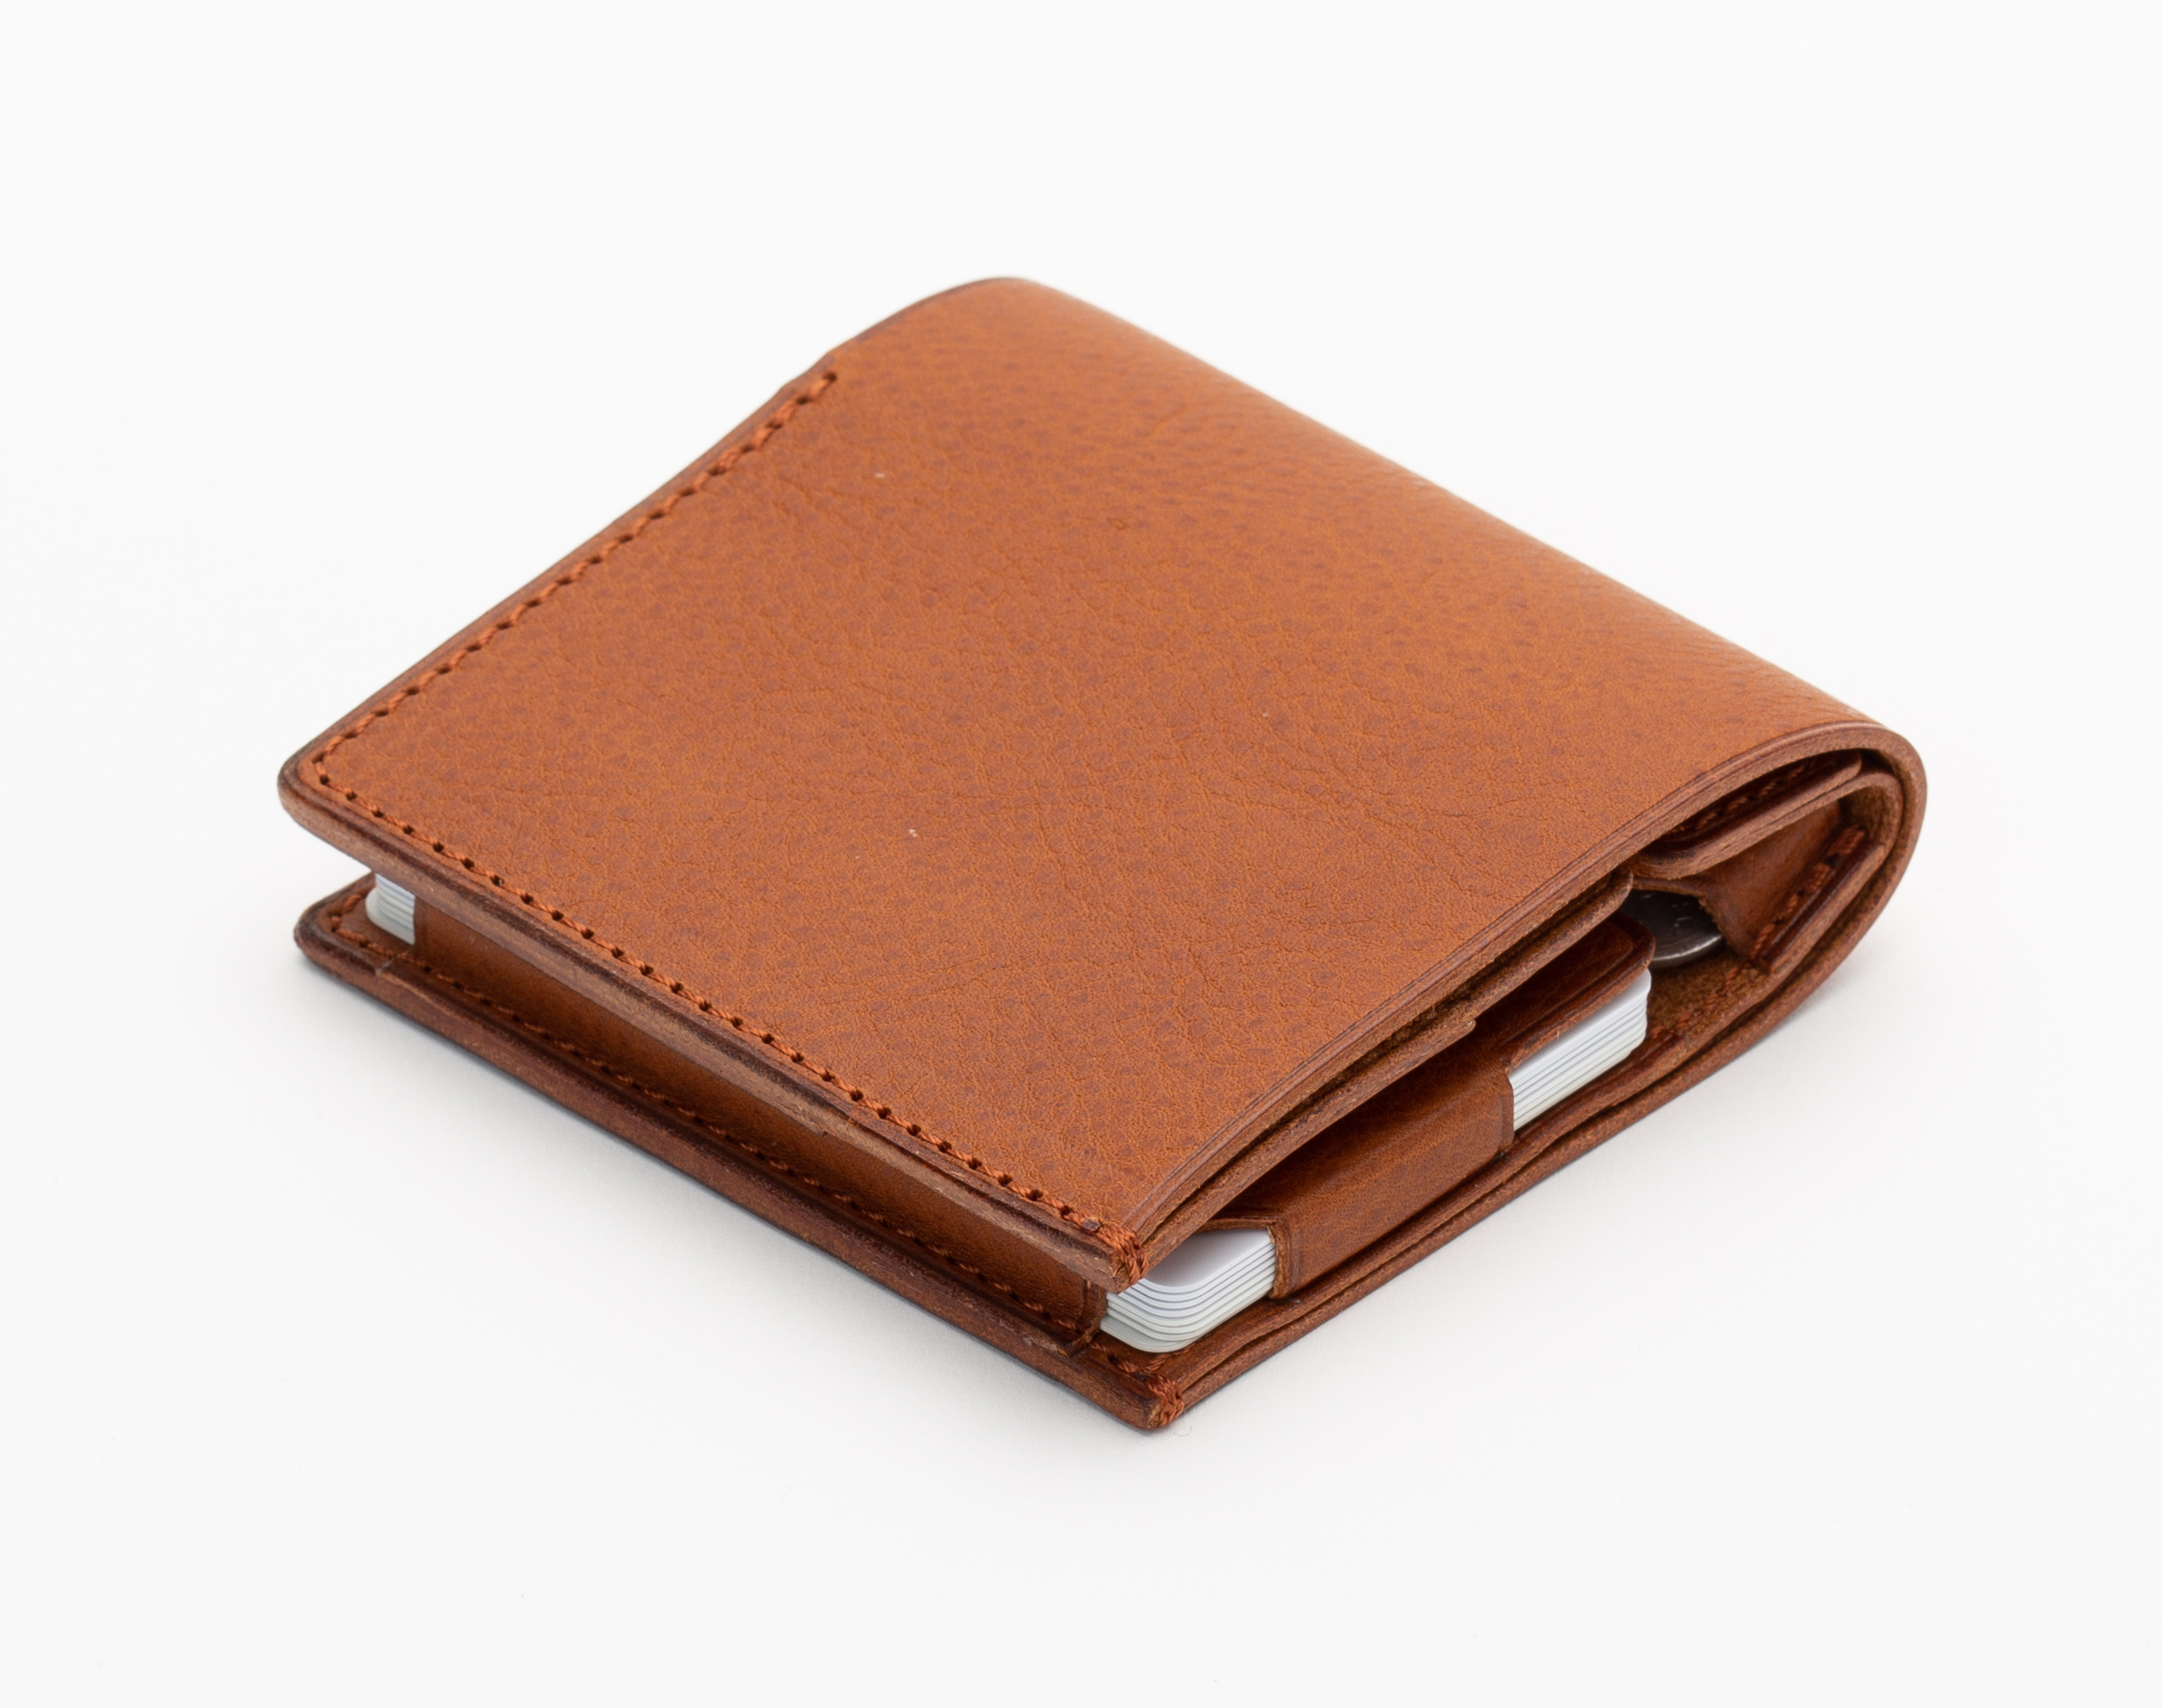 小さく薄い財布 rectum2 (旧rectus2)